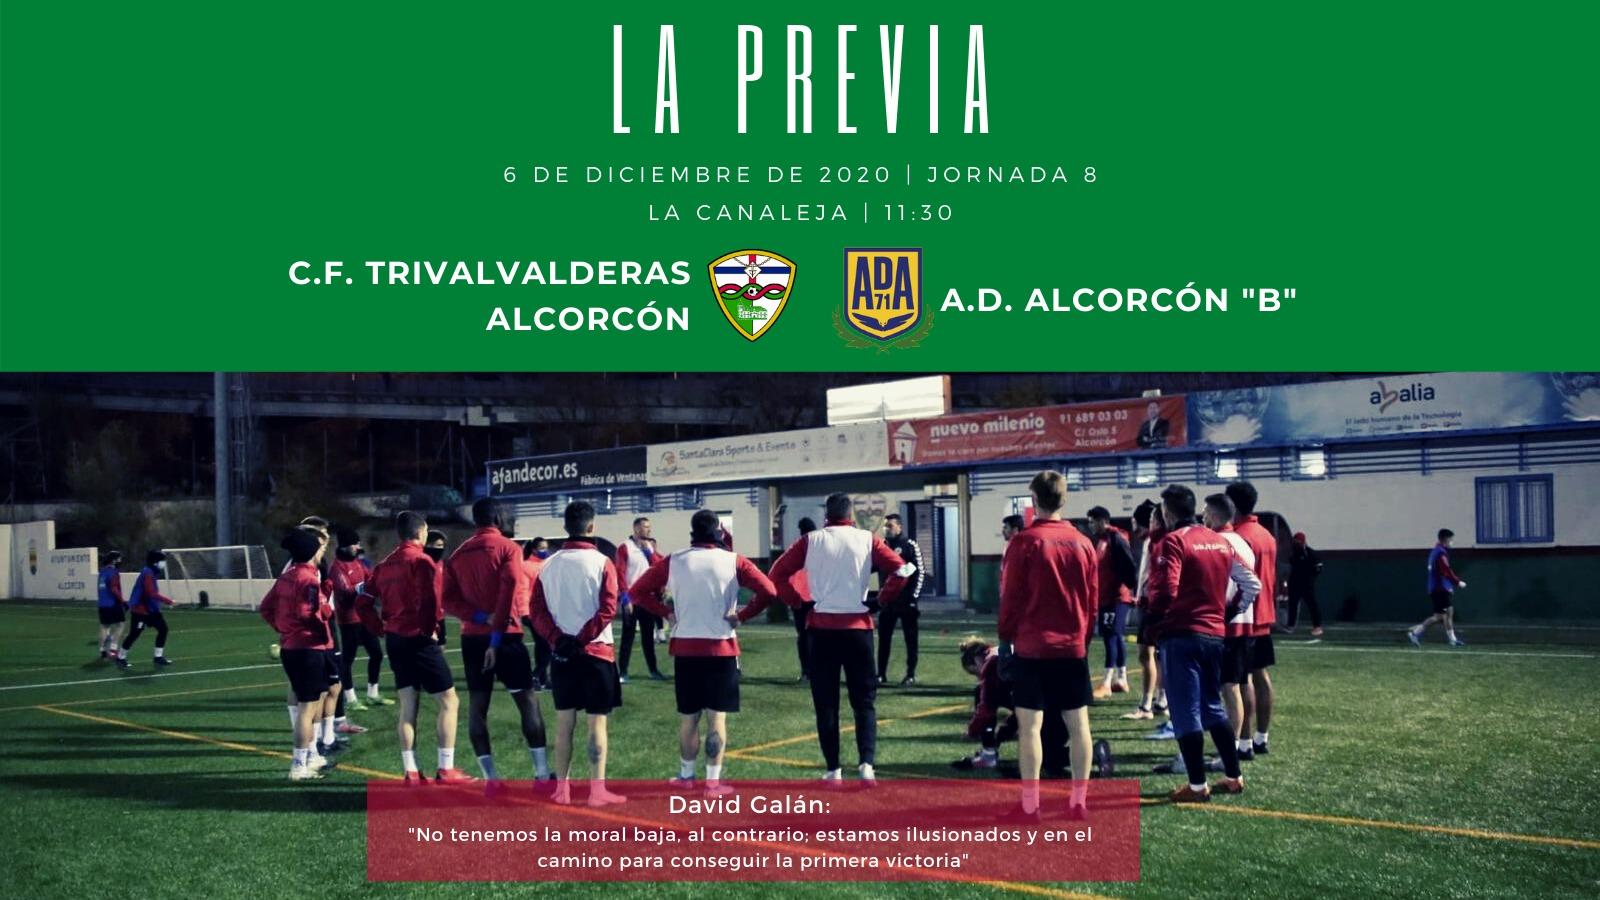 PREVIA J8 |C.F. TrivalValderas Alcorcón - A.D. Alcorcón B